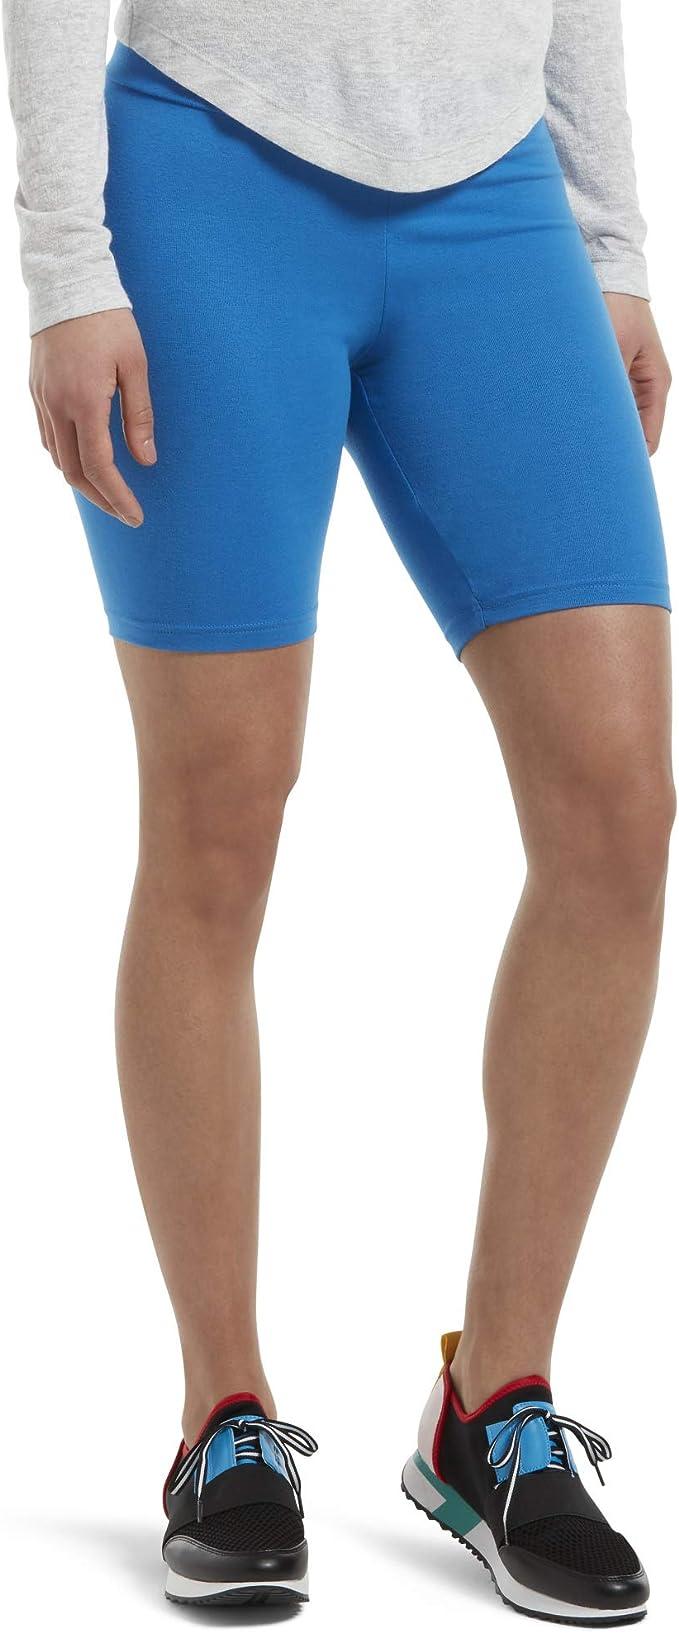 HUE Women's High Waist Blackout Cotton Bike Shorts, Assorted